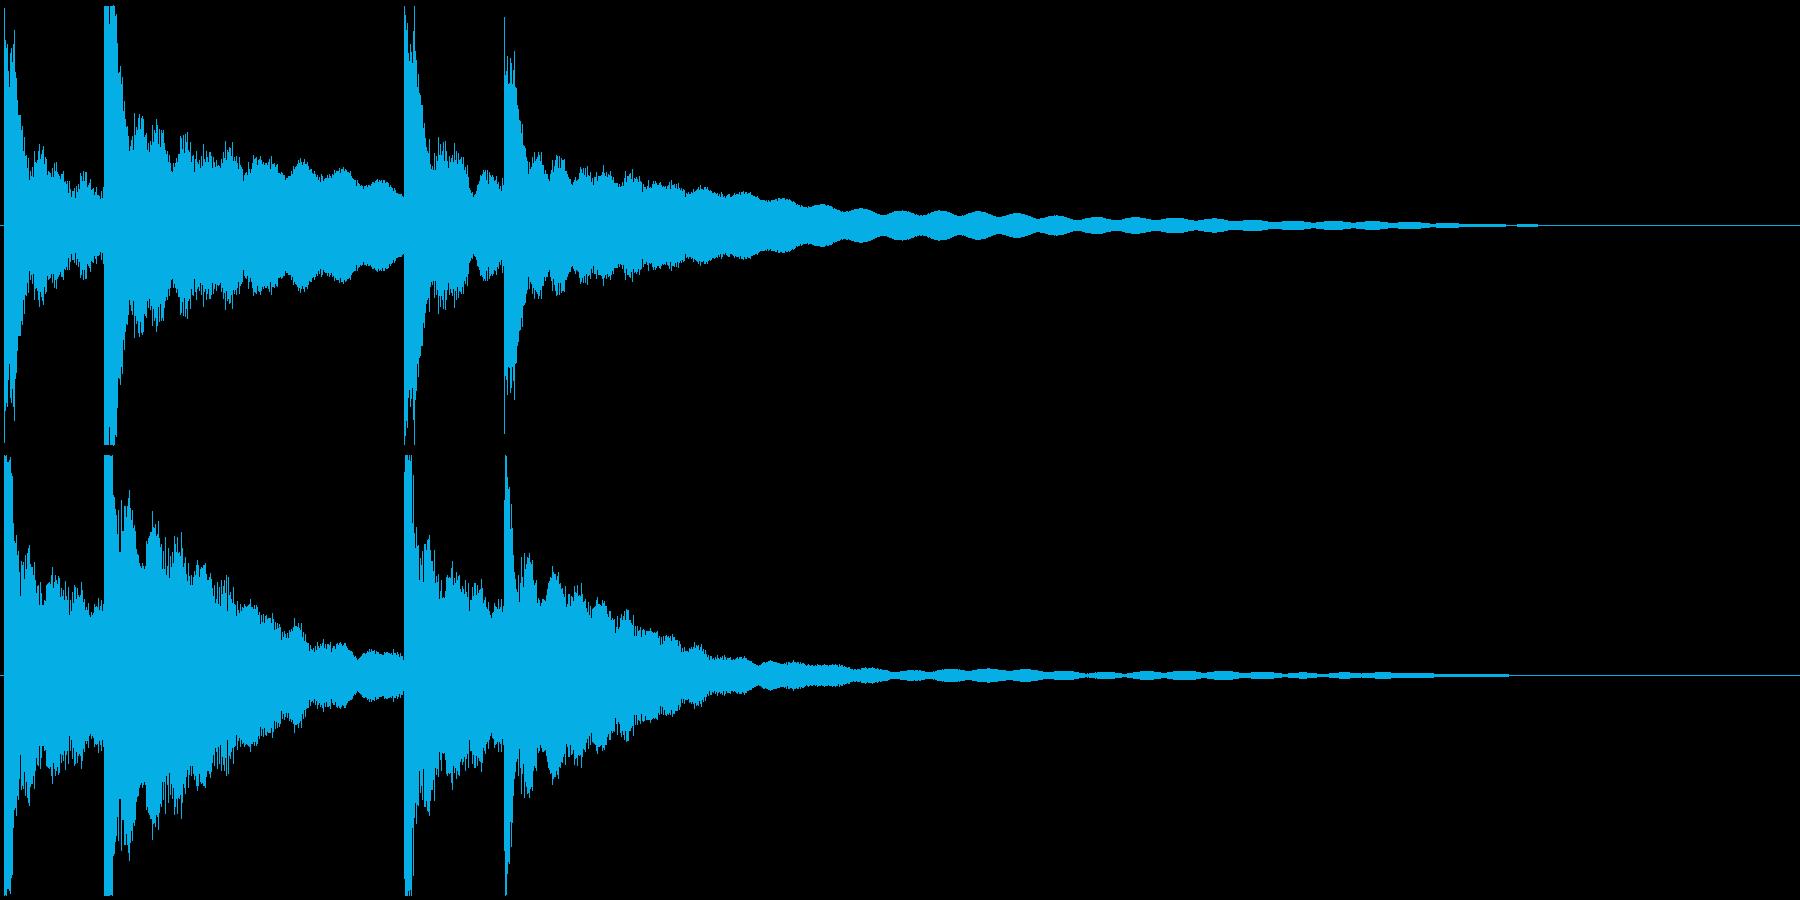 カーンカーン 西洋の鐘の音2の再生済みの波形